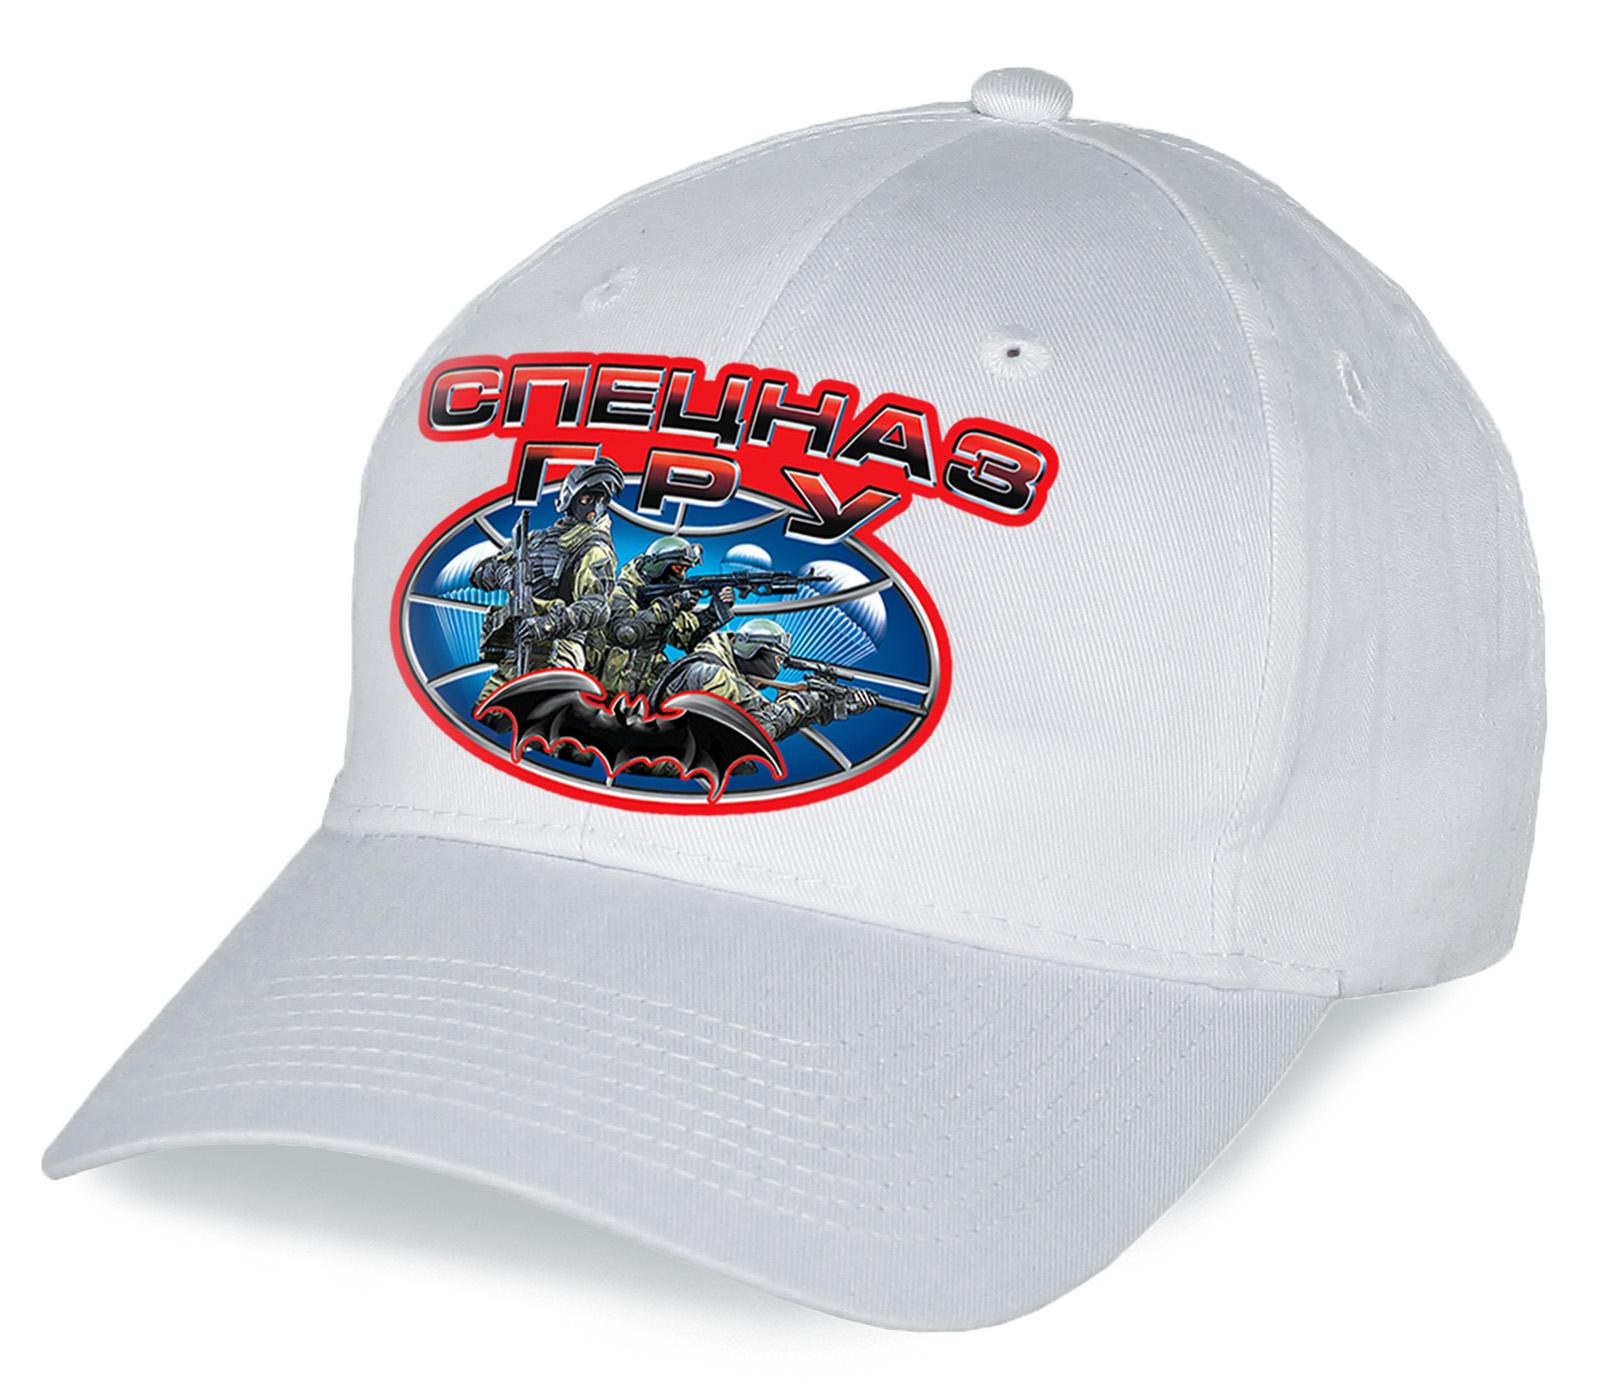 """Дизайнерская бейсболка """"Спецназ ГРУ"""" белого цвета. Эффектный головной убор, который точно понравится"""